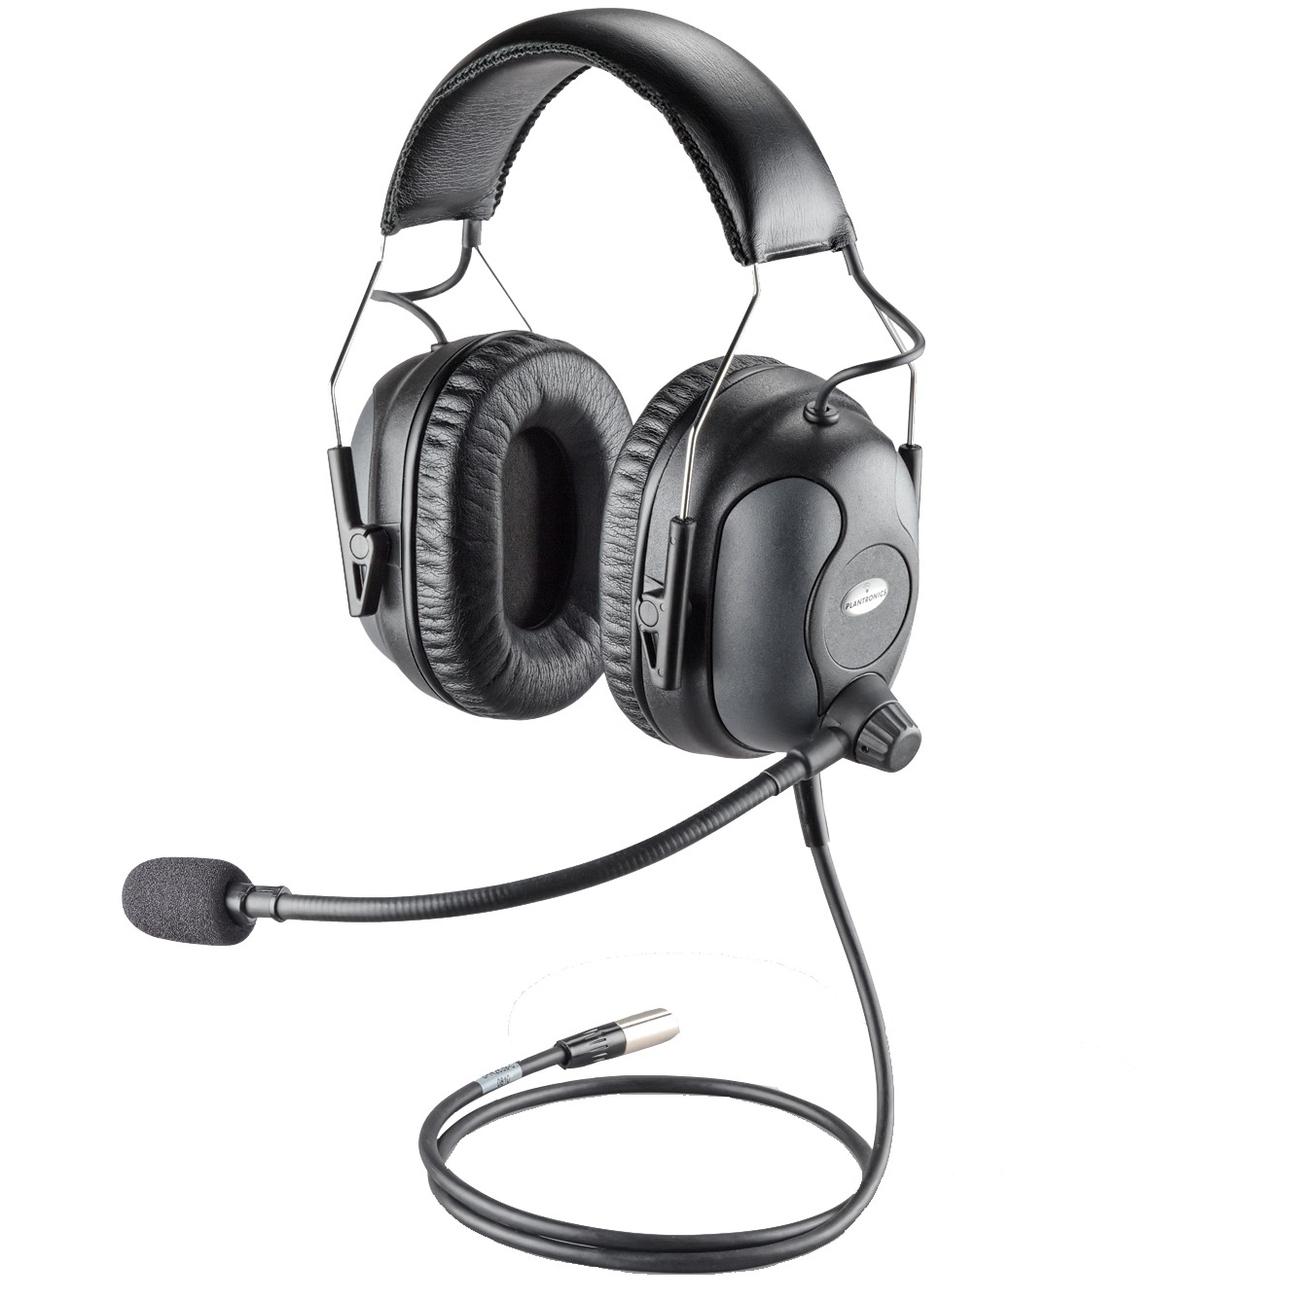 Plantronics SHR2638-01 Headset_subImage_1